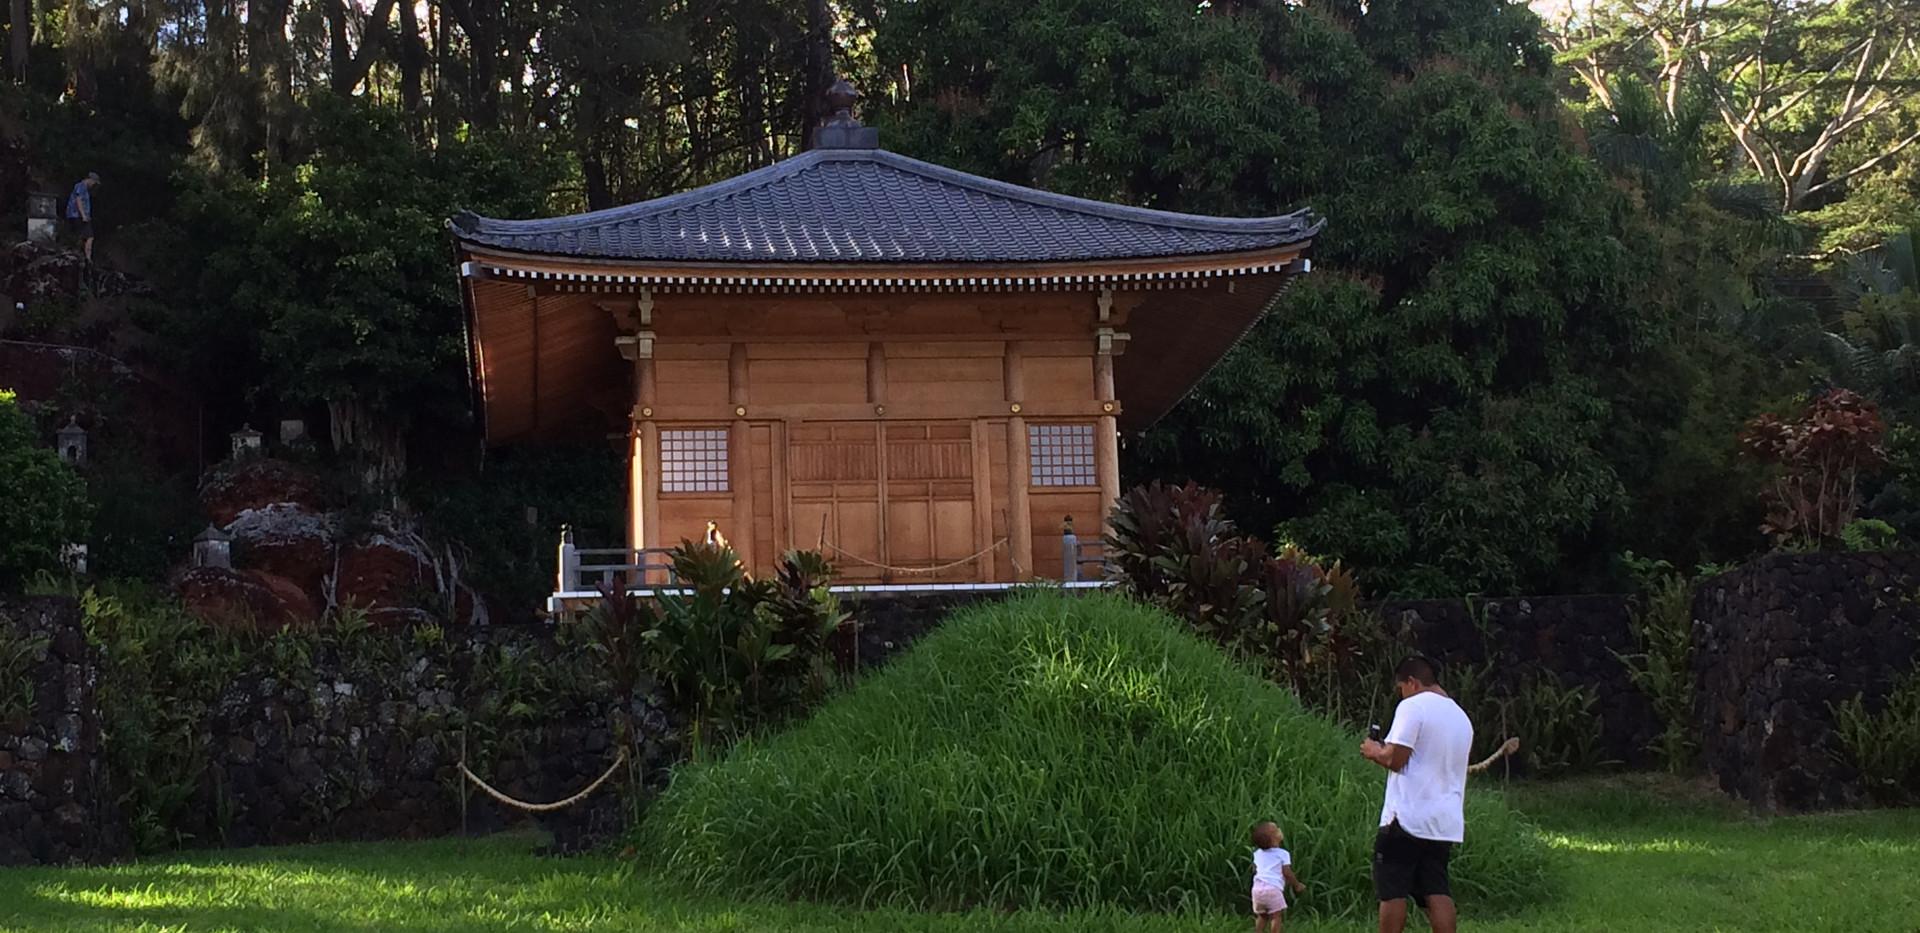 Exquisite Handbuilt Temple at 88 Shrines